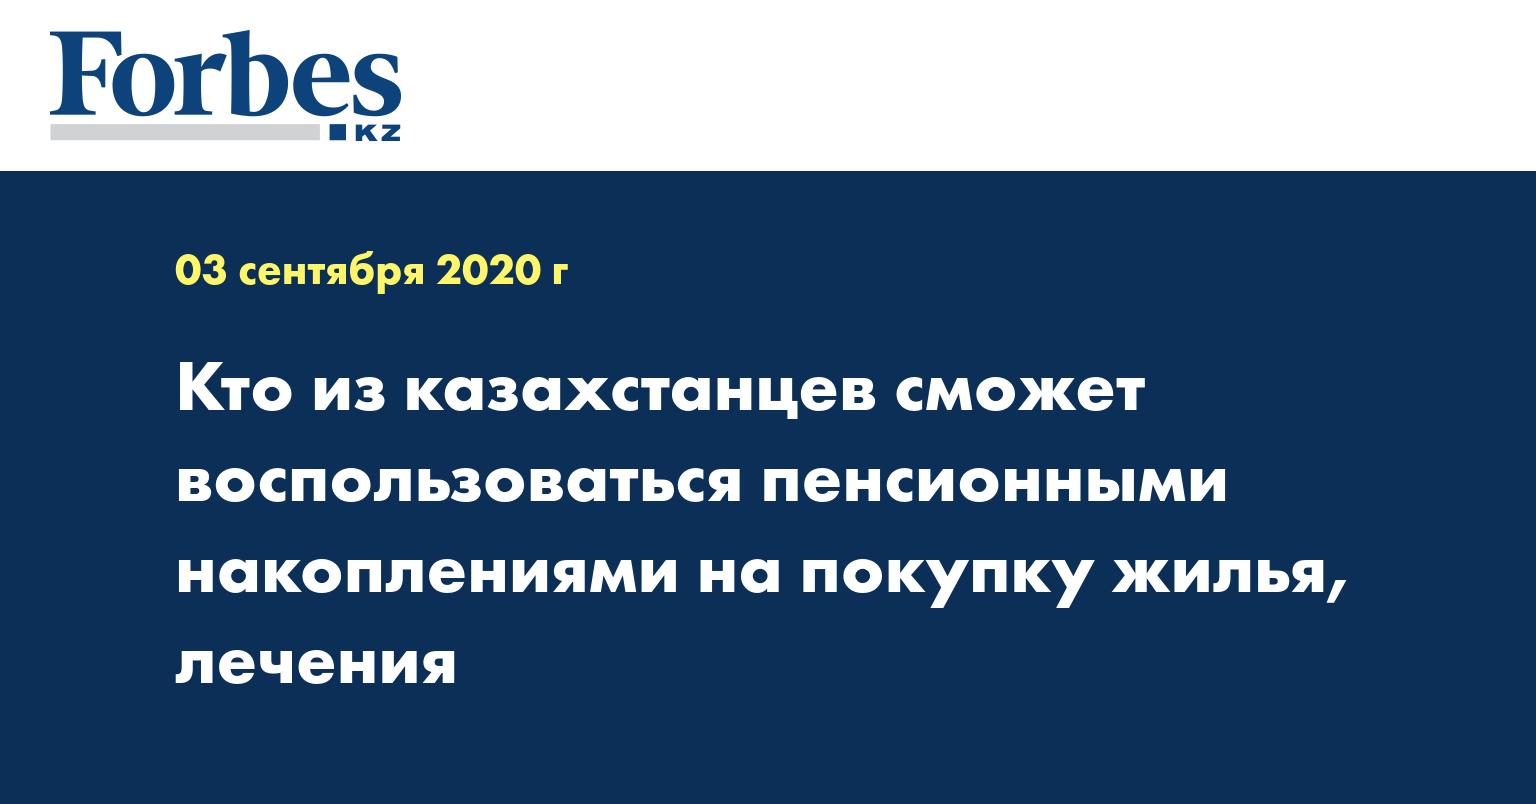 Кто из казахстанцев сможет воспользоваться пенсионными накоплениями на покупку жилья, лечение